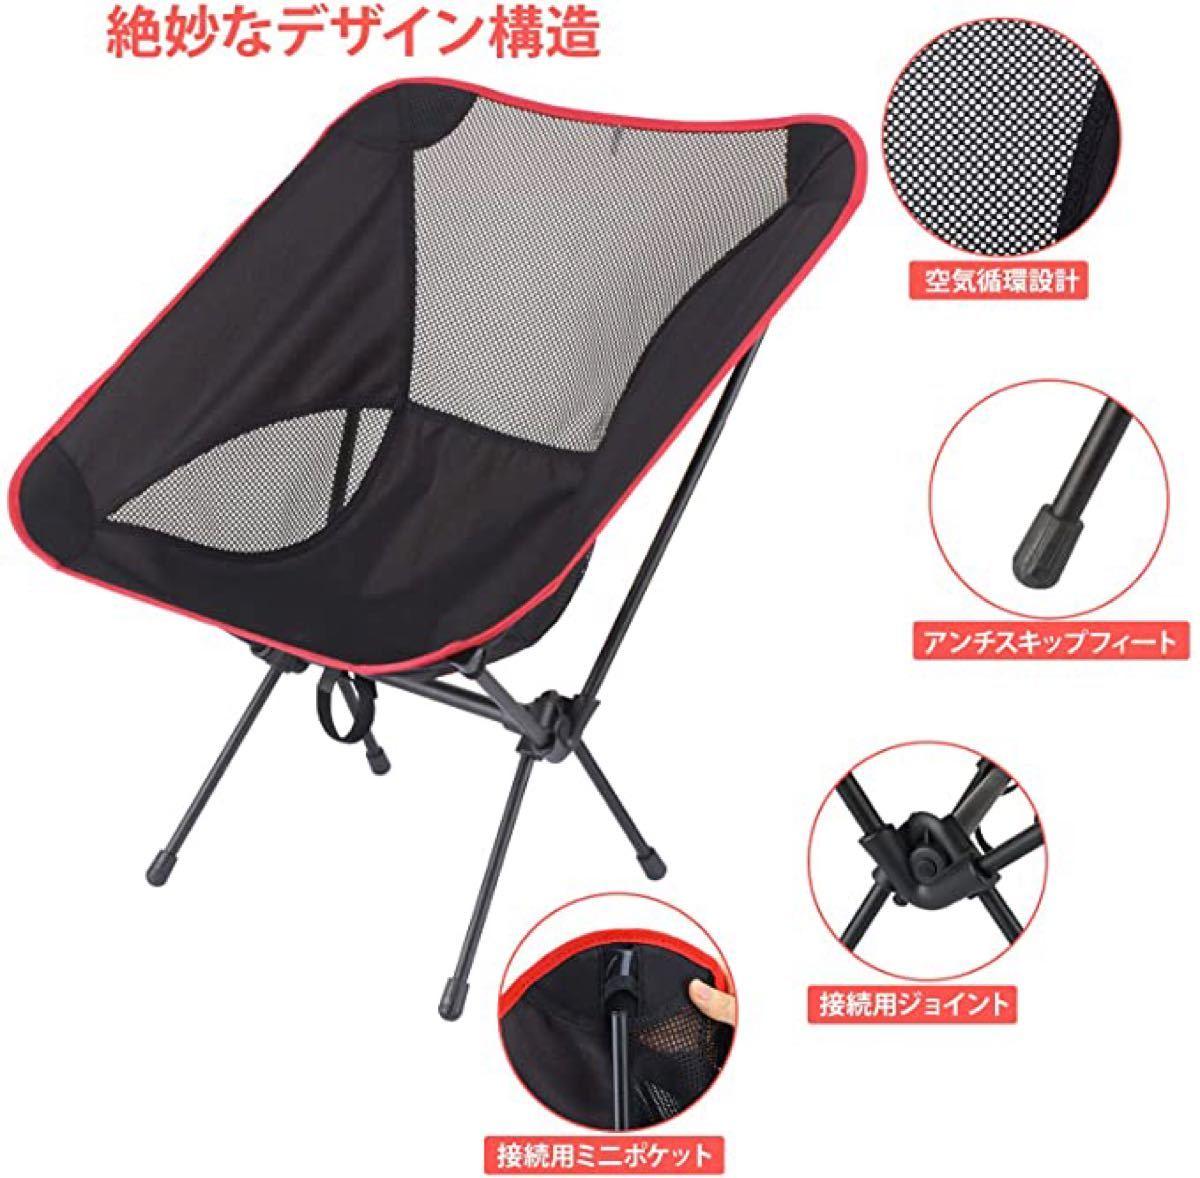 アウトドア 折りたたみチェア キャンプ 椅子  軽量 コンパクト キャンプチェア 耐荷重120kg アウトドアチェア